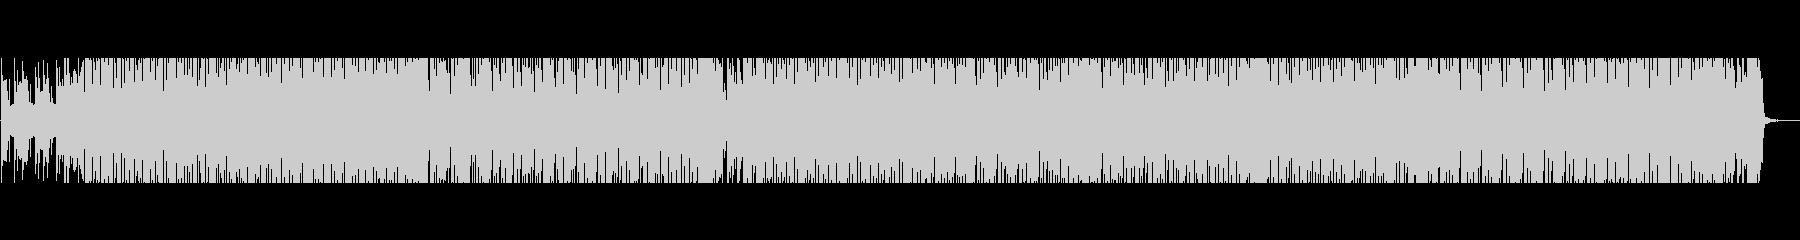 和楽器を使ったリズミカルなポップスの未再生の波形